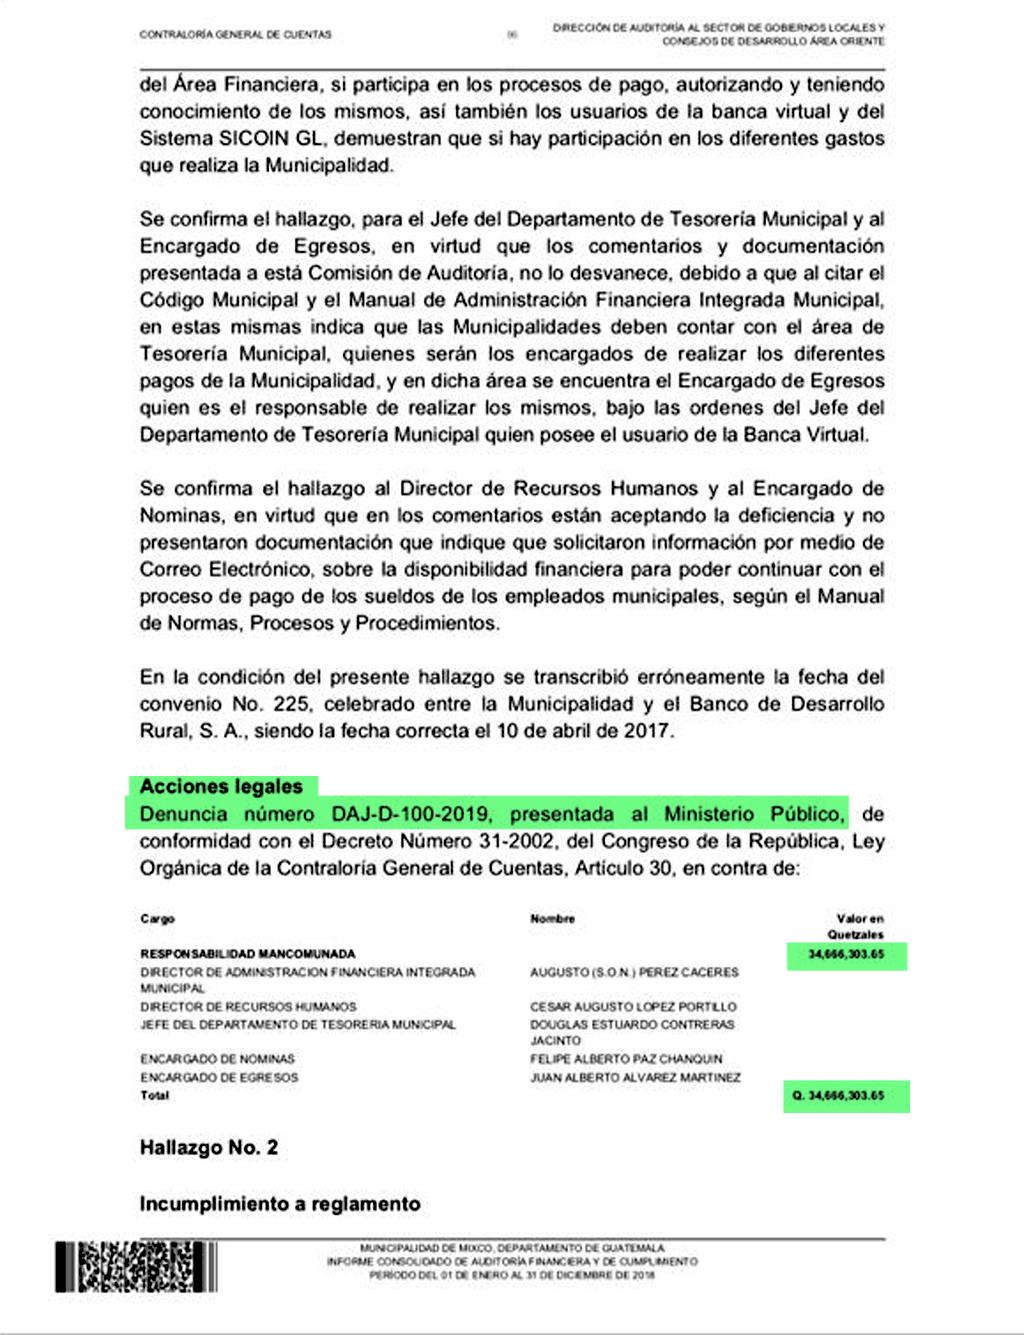 Resolución de la Contraloría.